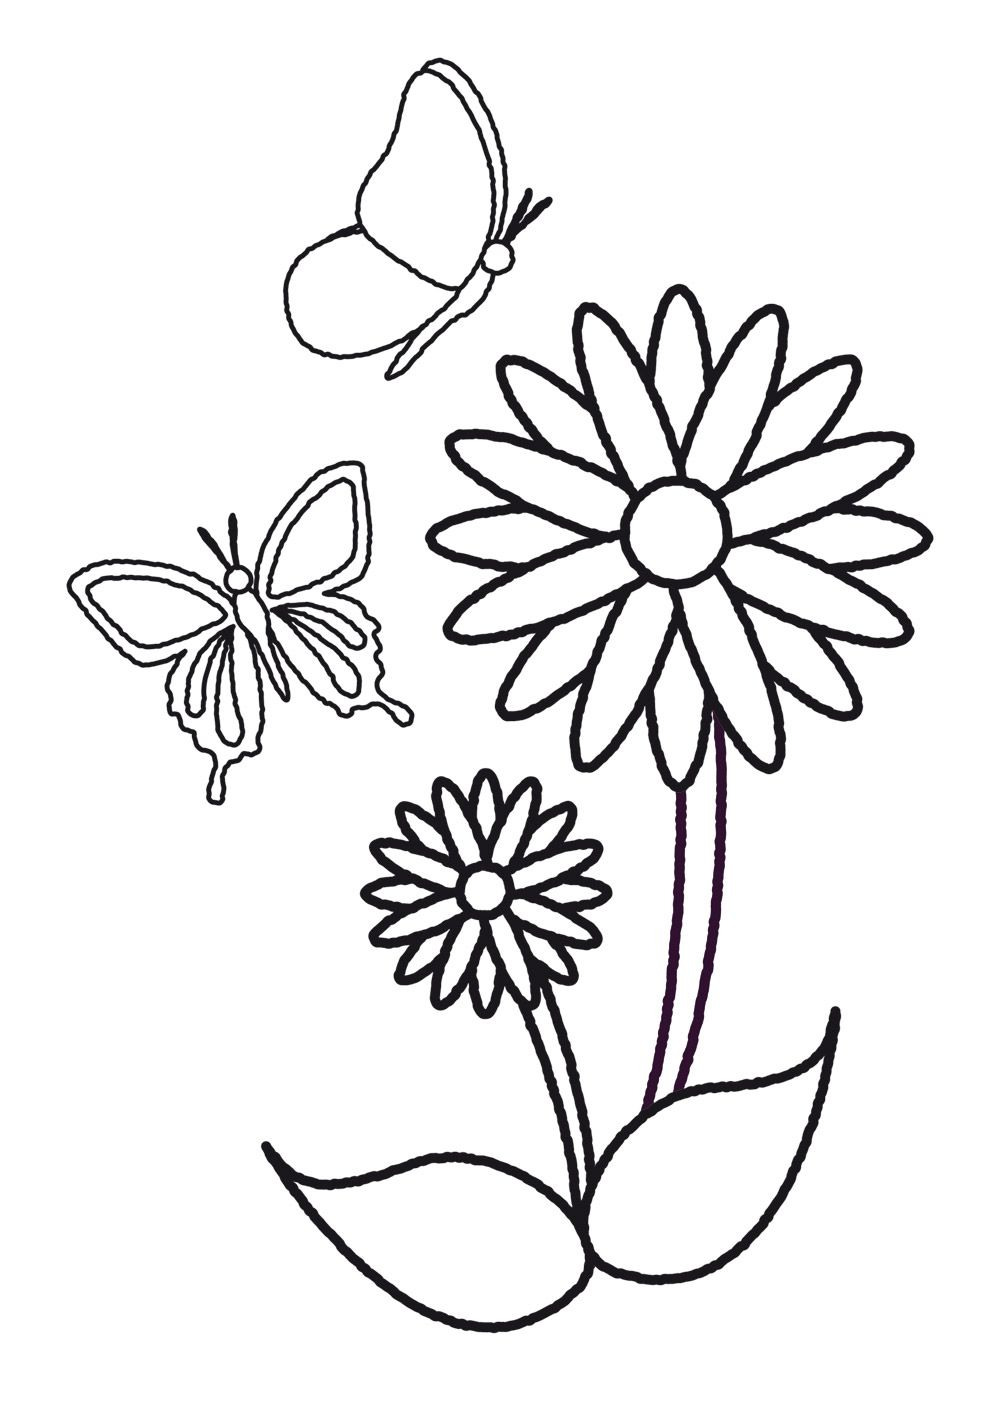 plantillas de flores y mariposas para colorear | DIBUJOS PARA ...